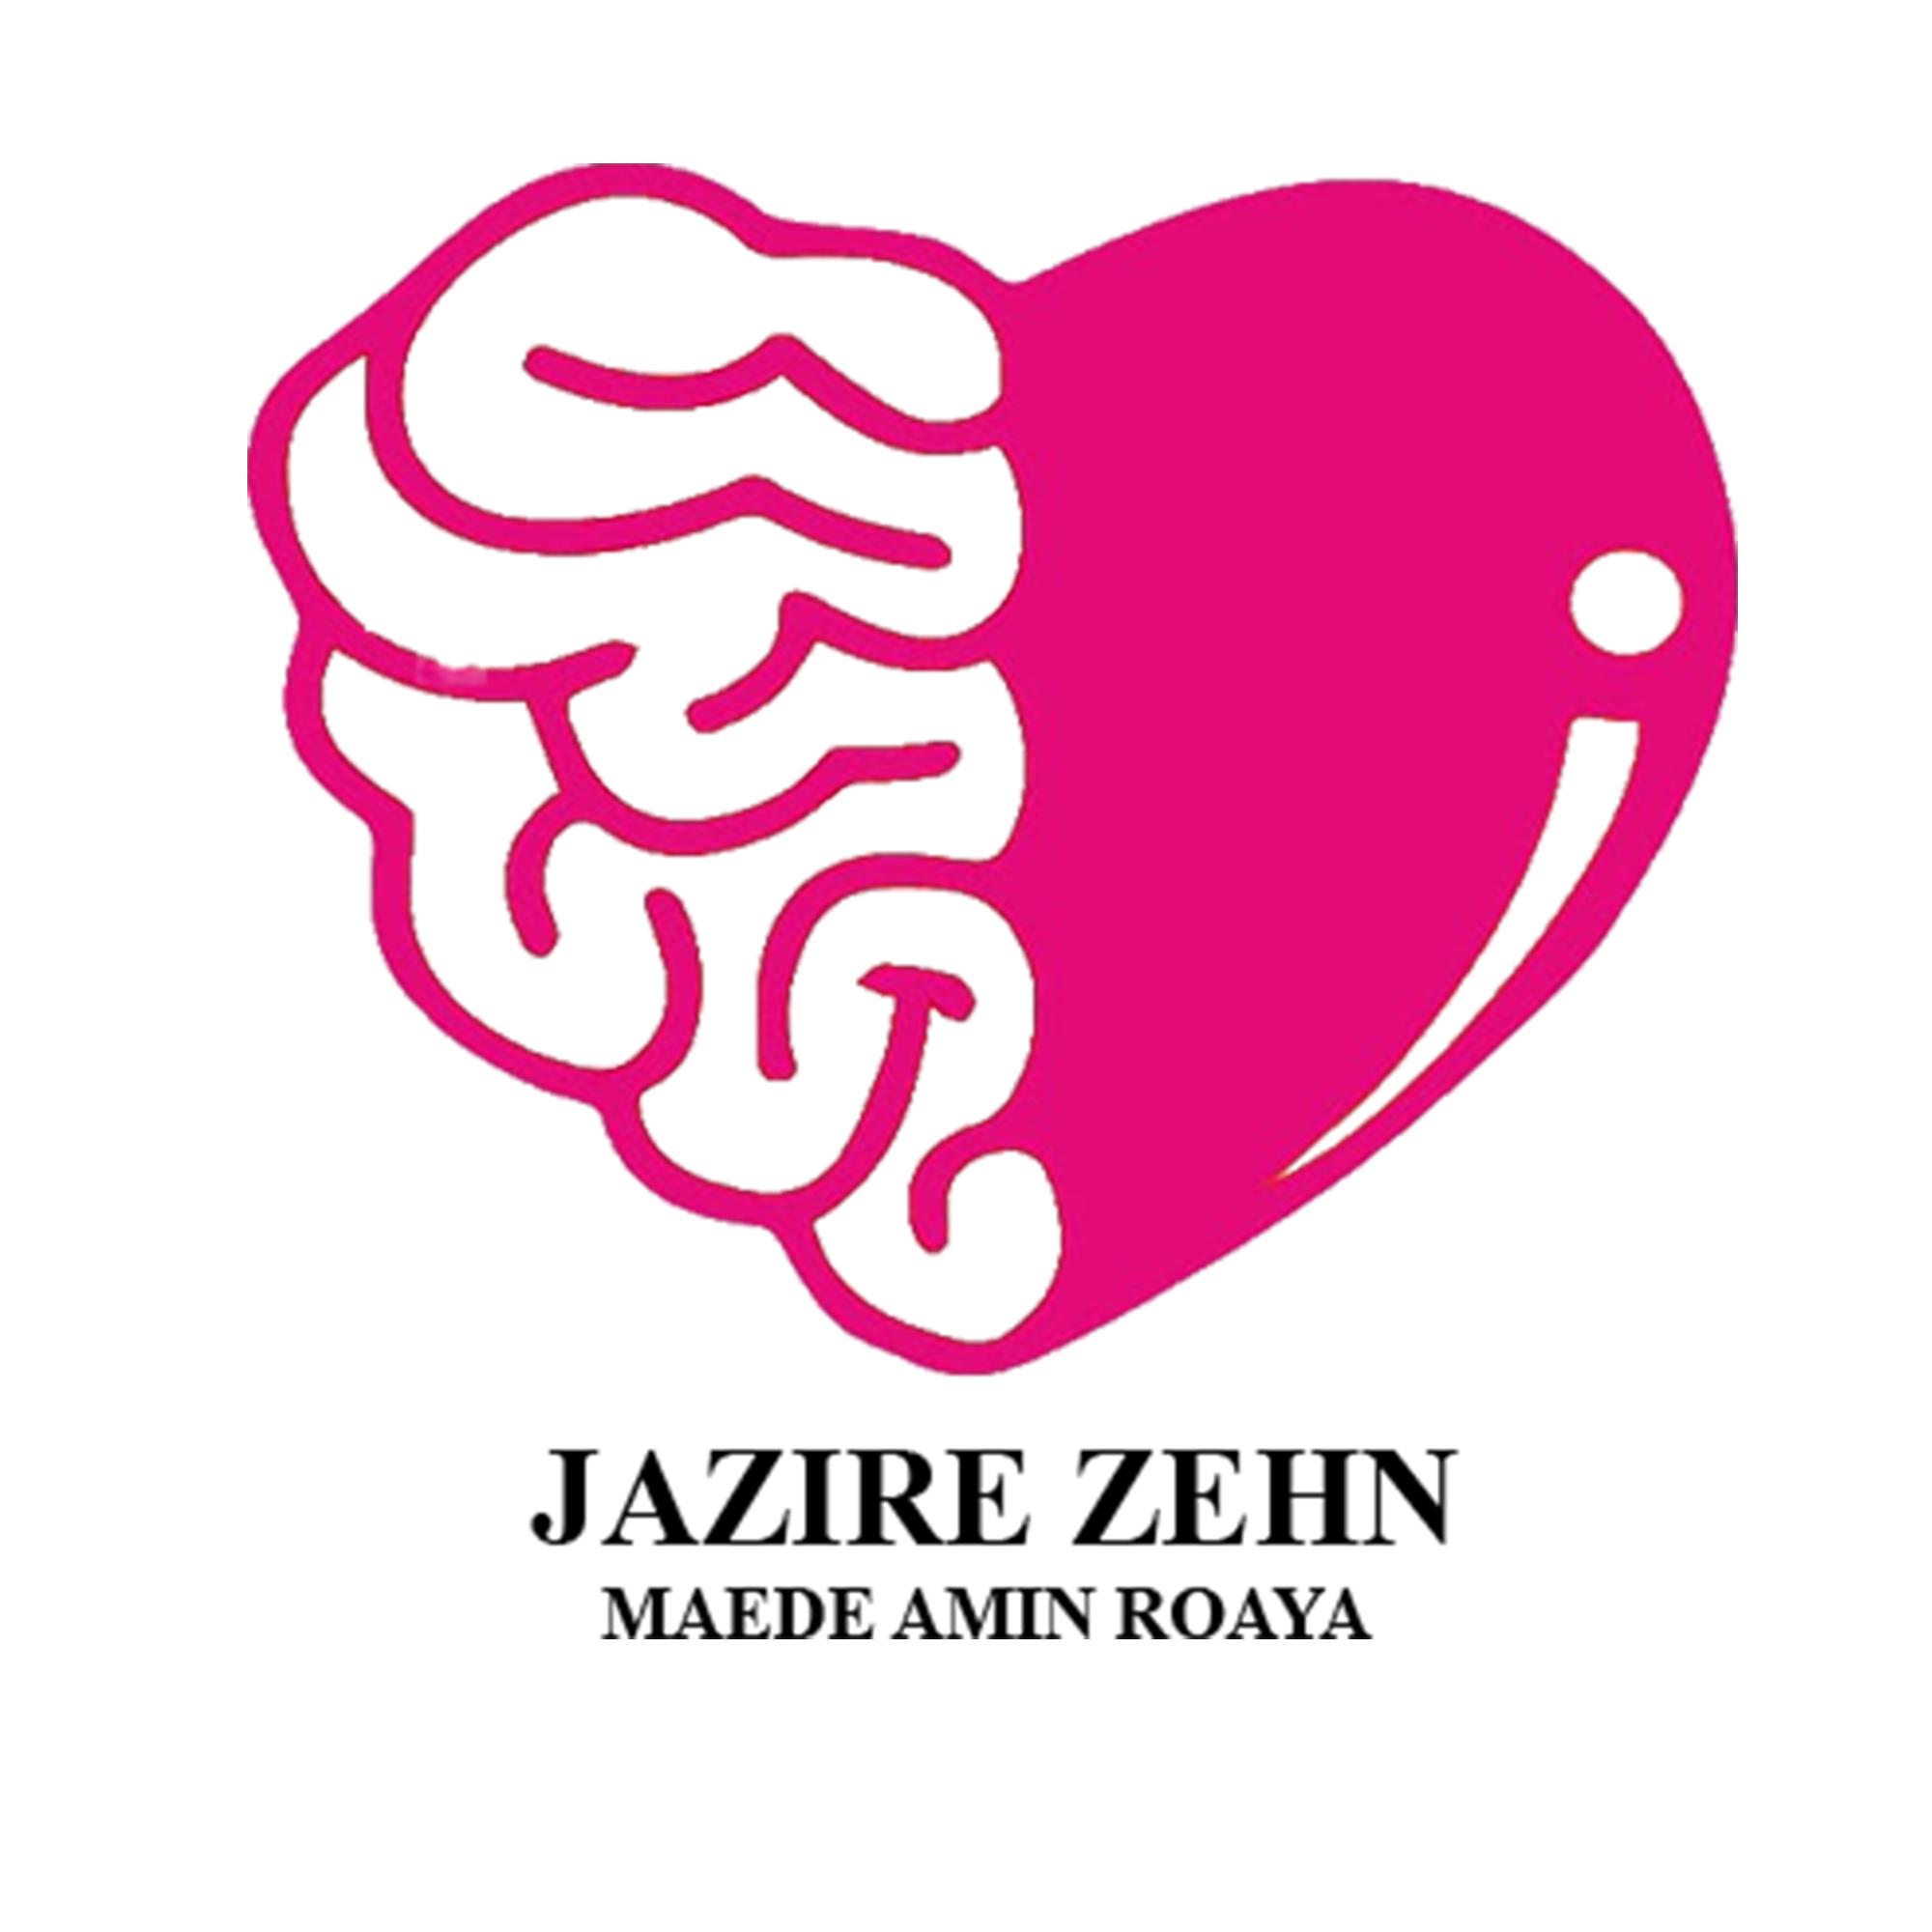 عشق چیست؟| اقسام عشق چیست؟| پادکست عشق|فیلم عاشقانه| نظر روانشناسان در مورد عشق|مائده امین رعایا|جزیره ذهن